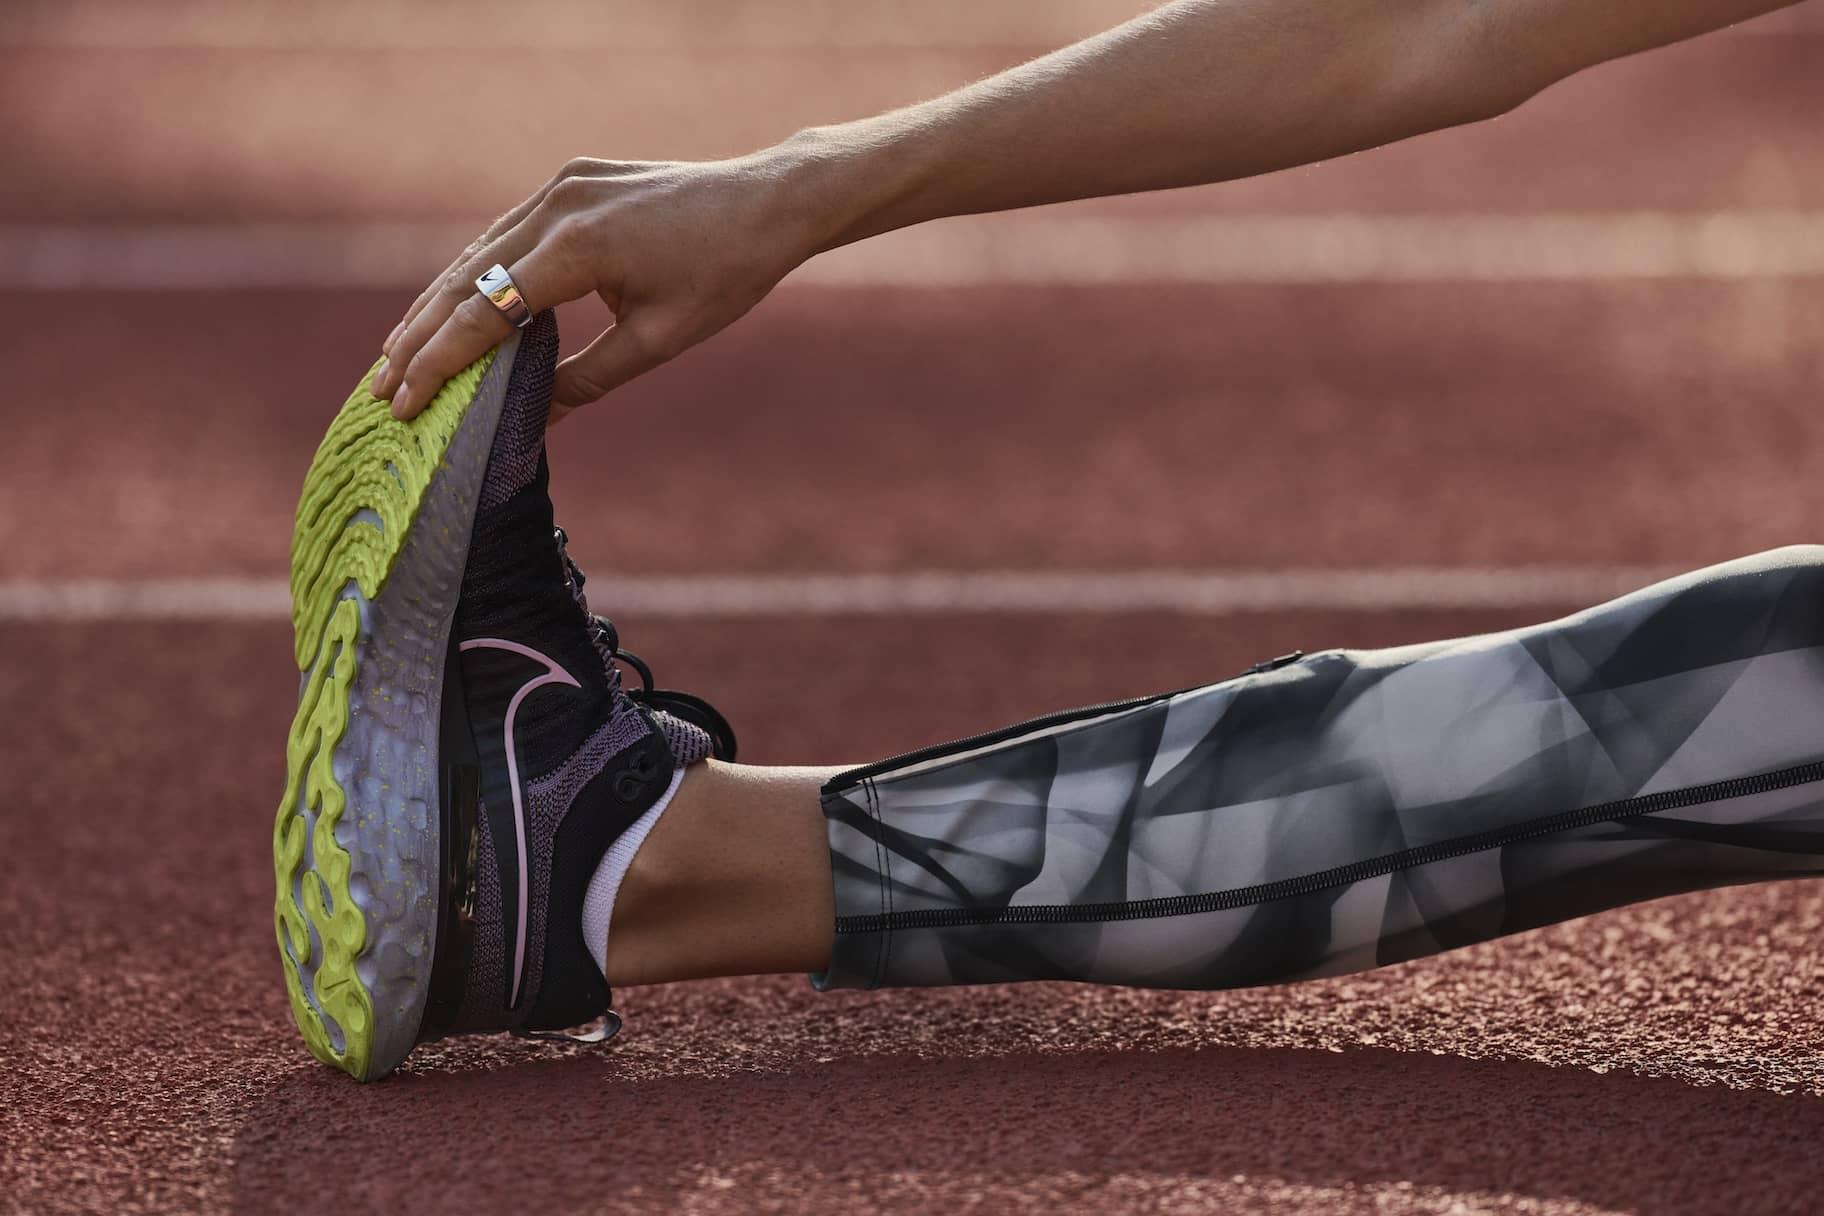 Come le scarpe da running giuste possono aiutarti a evitare la periostite tibiale